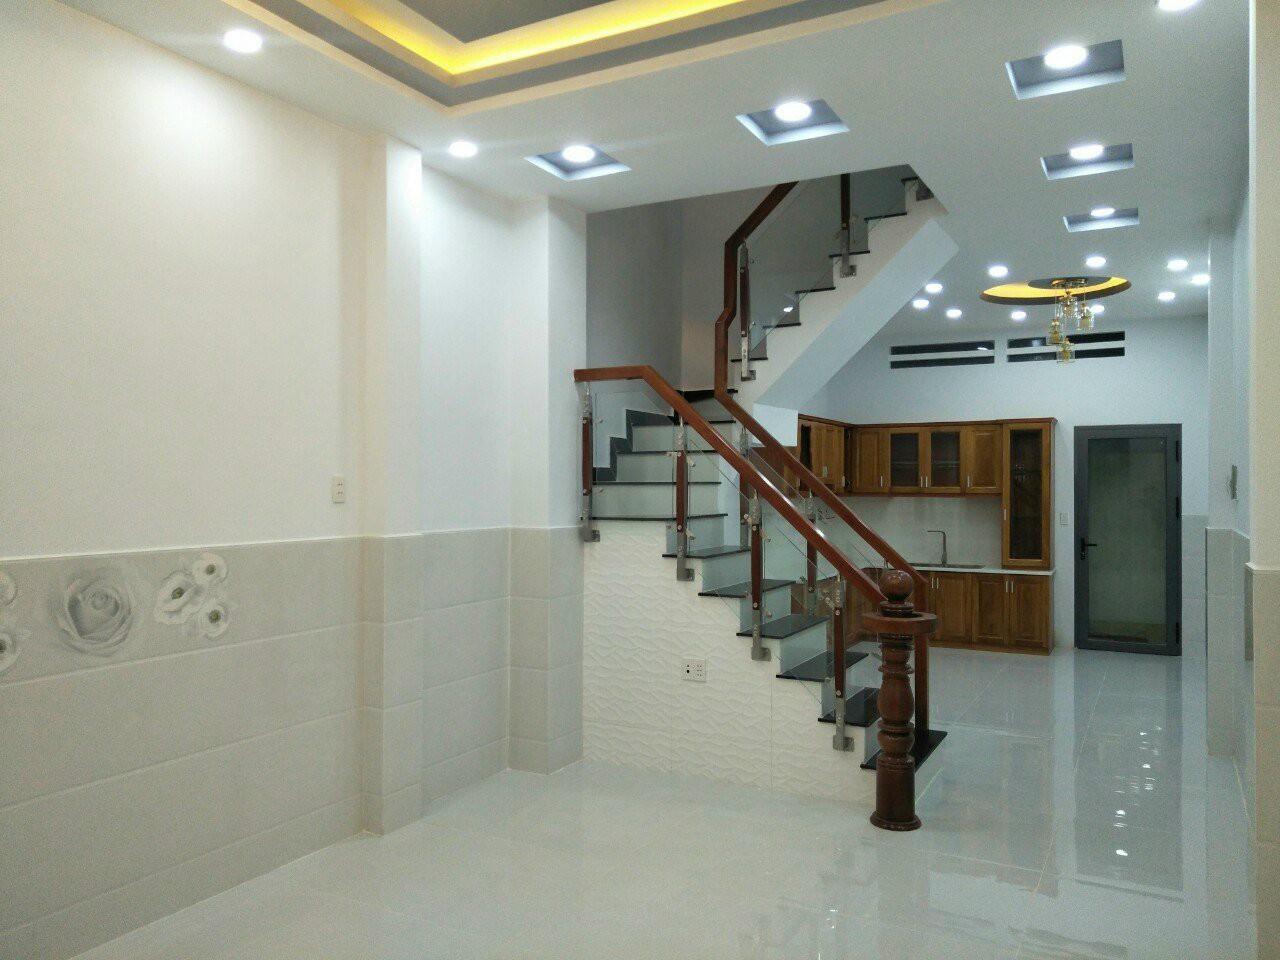 Bán nhà Dương Bá Trạc Quận 8 mới xây rất đẹp, 1 trệt 2 lầu sân thượng